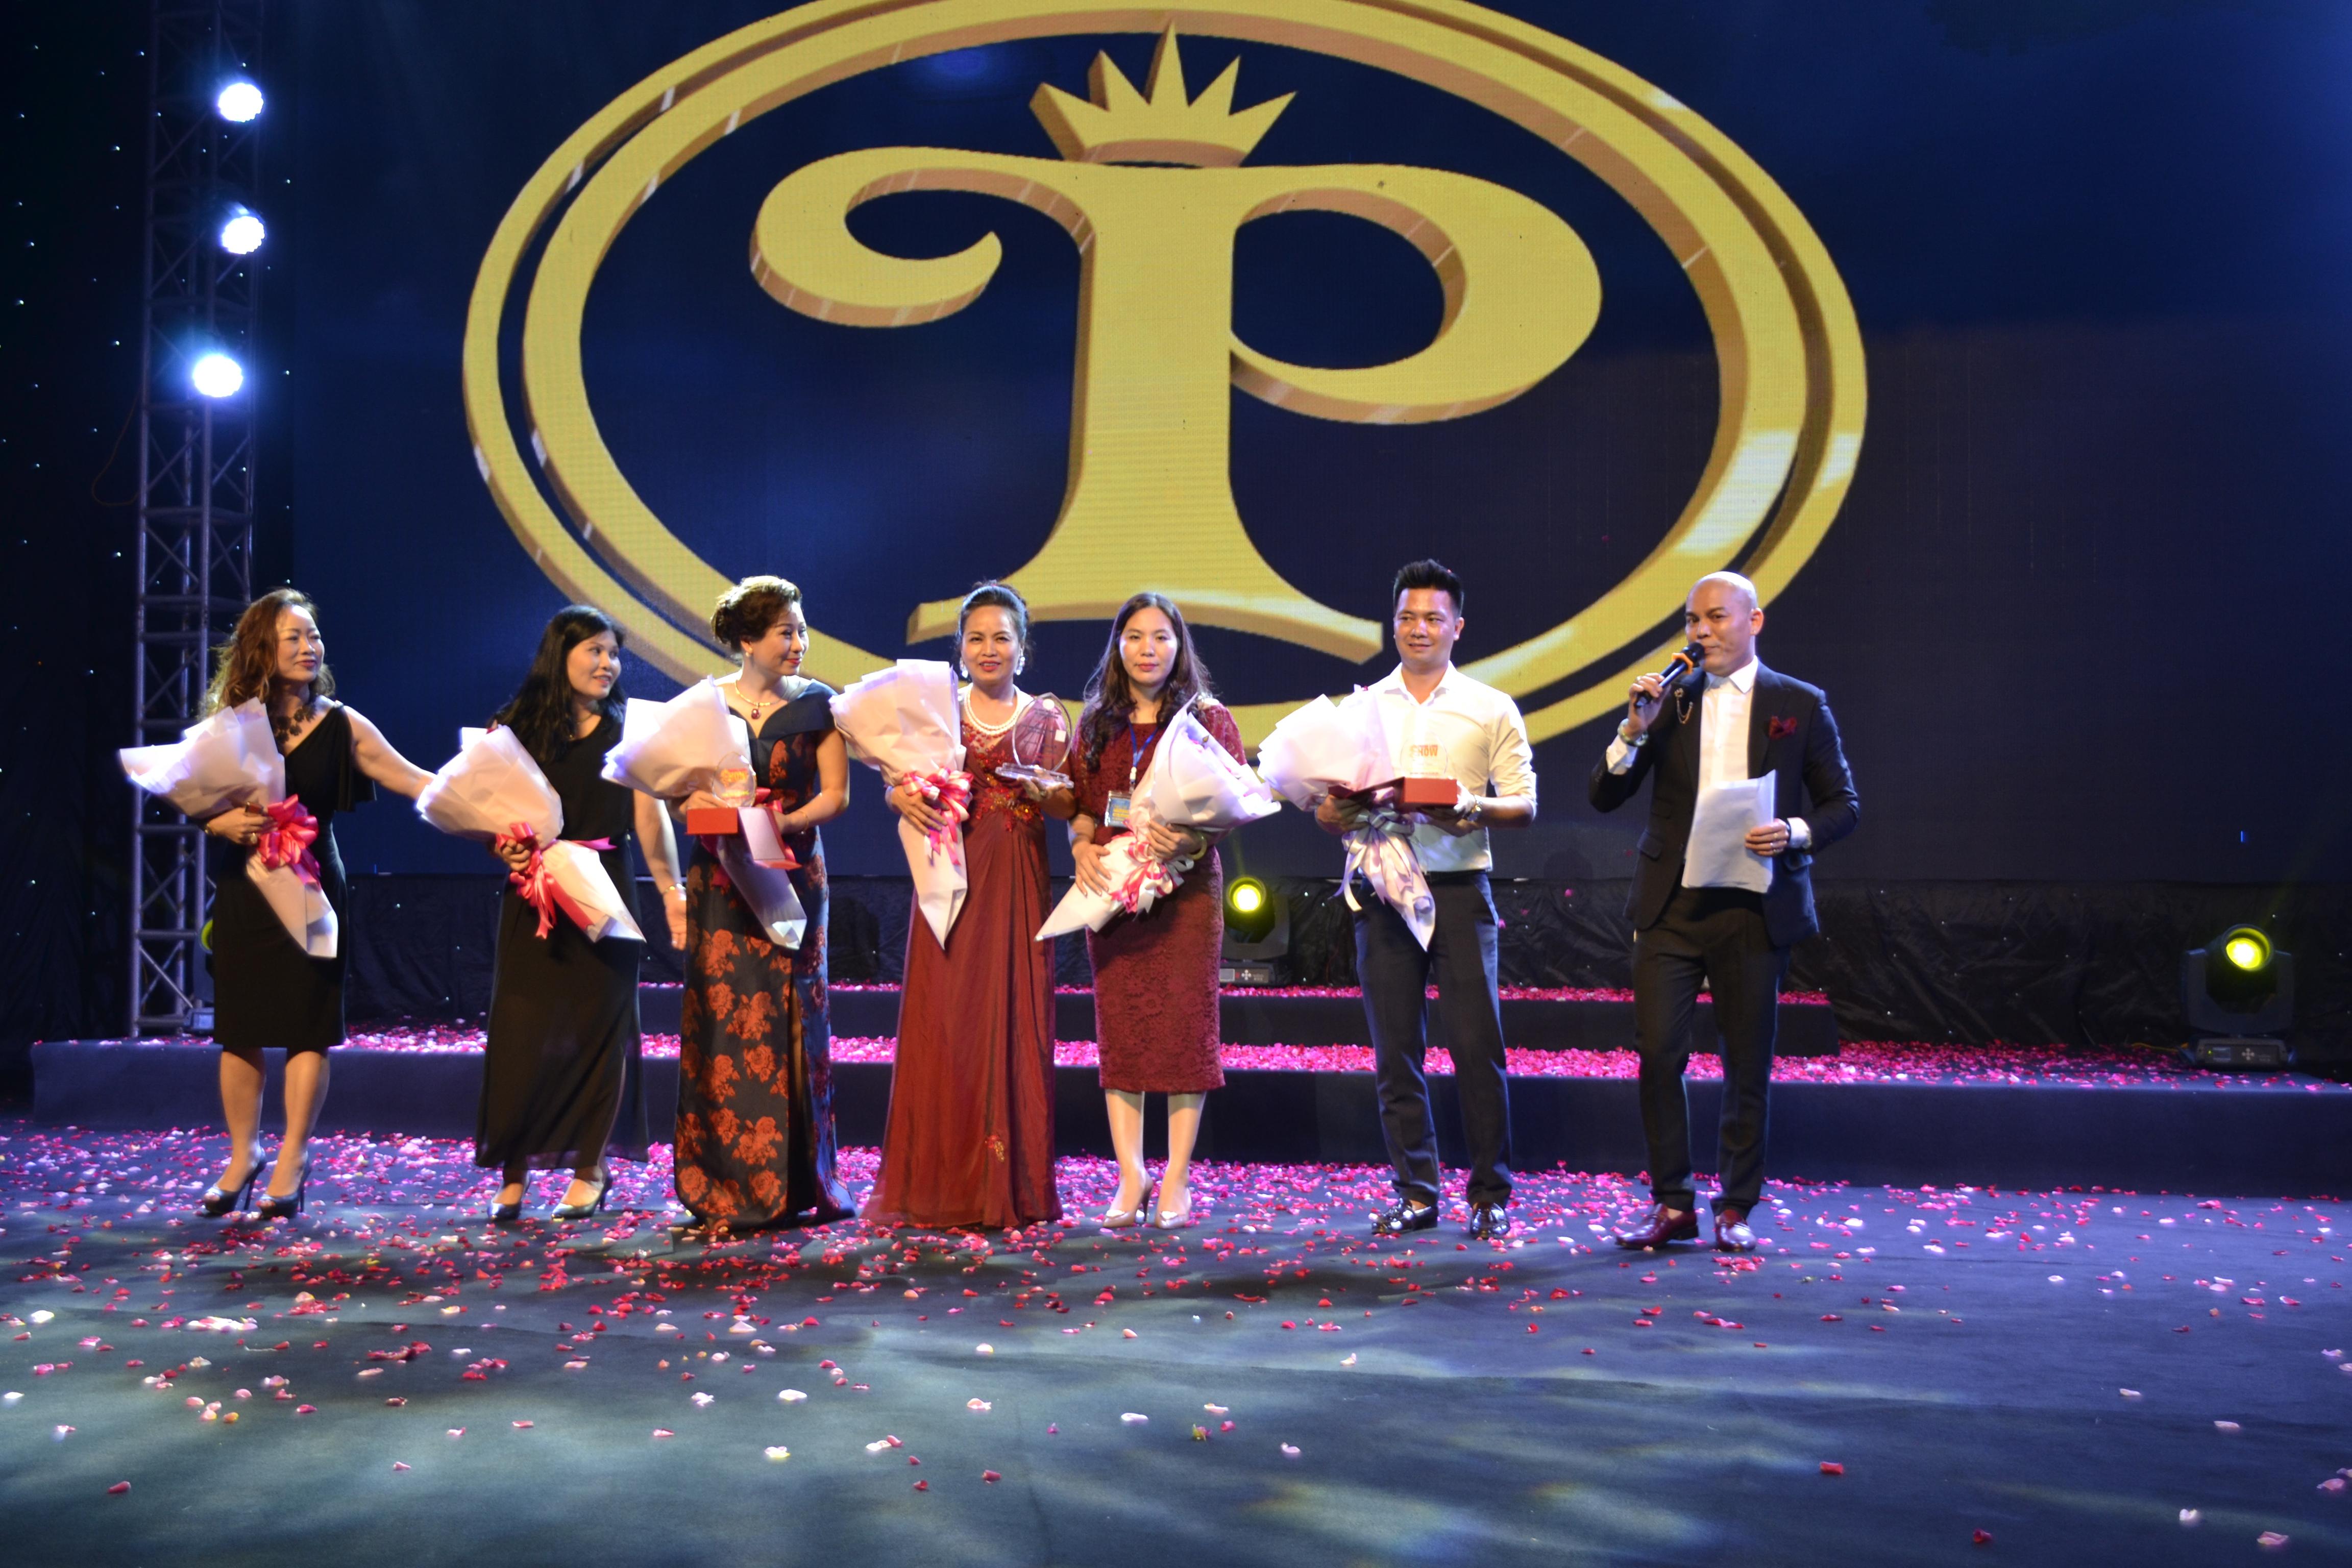 Công ty PT Casa hội ngộ cùng các doanh nghiệp tỉnh Lào Cai trong đêm nhạc